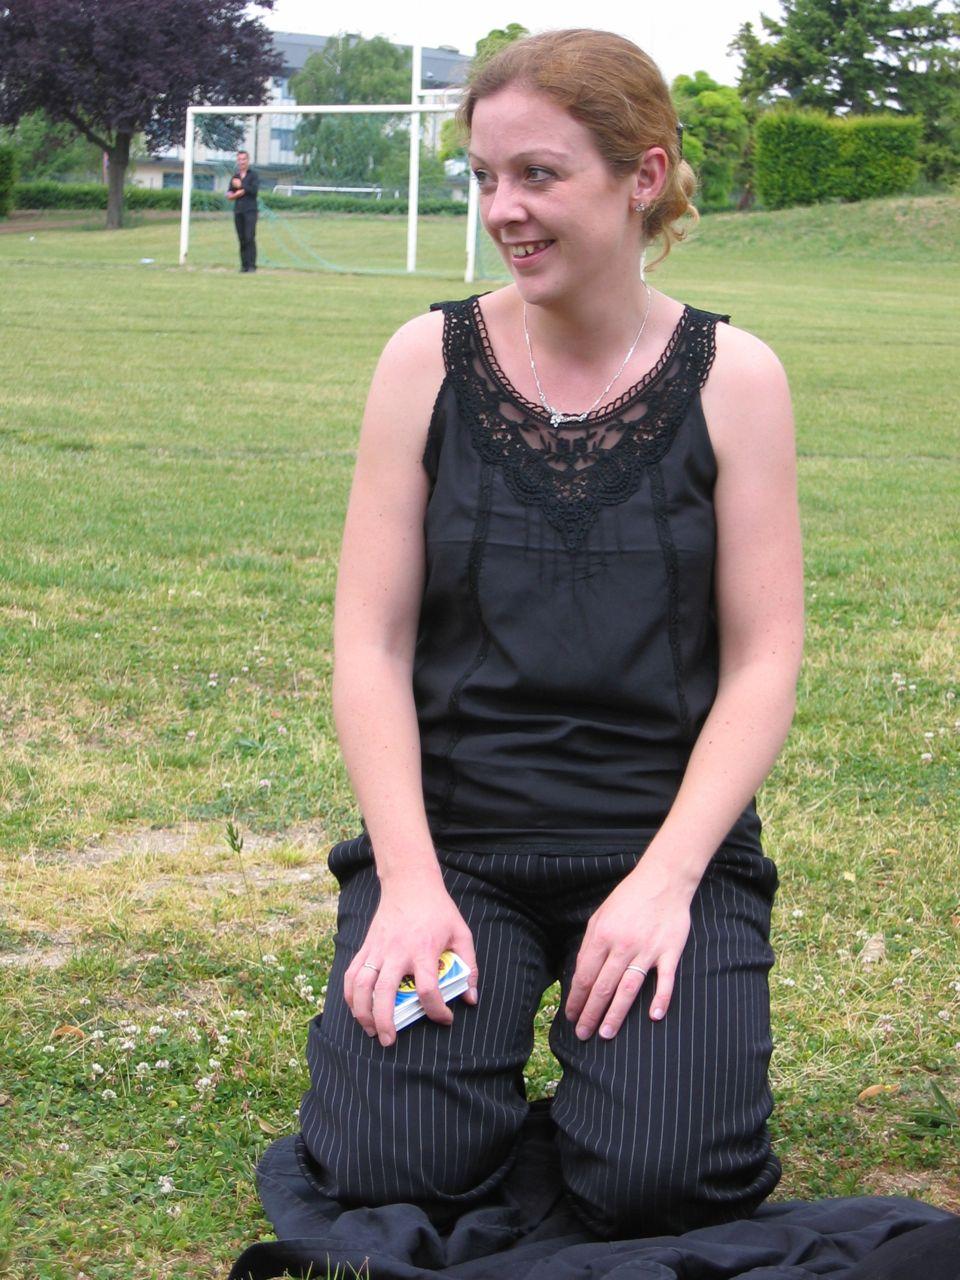 OHTG-concours-Laon-Juin2011-06